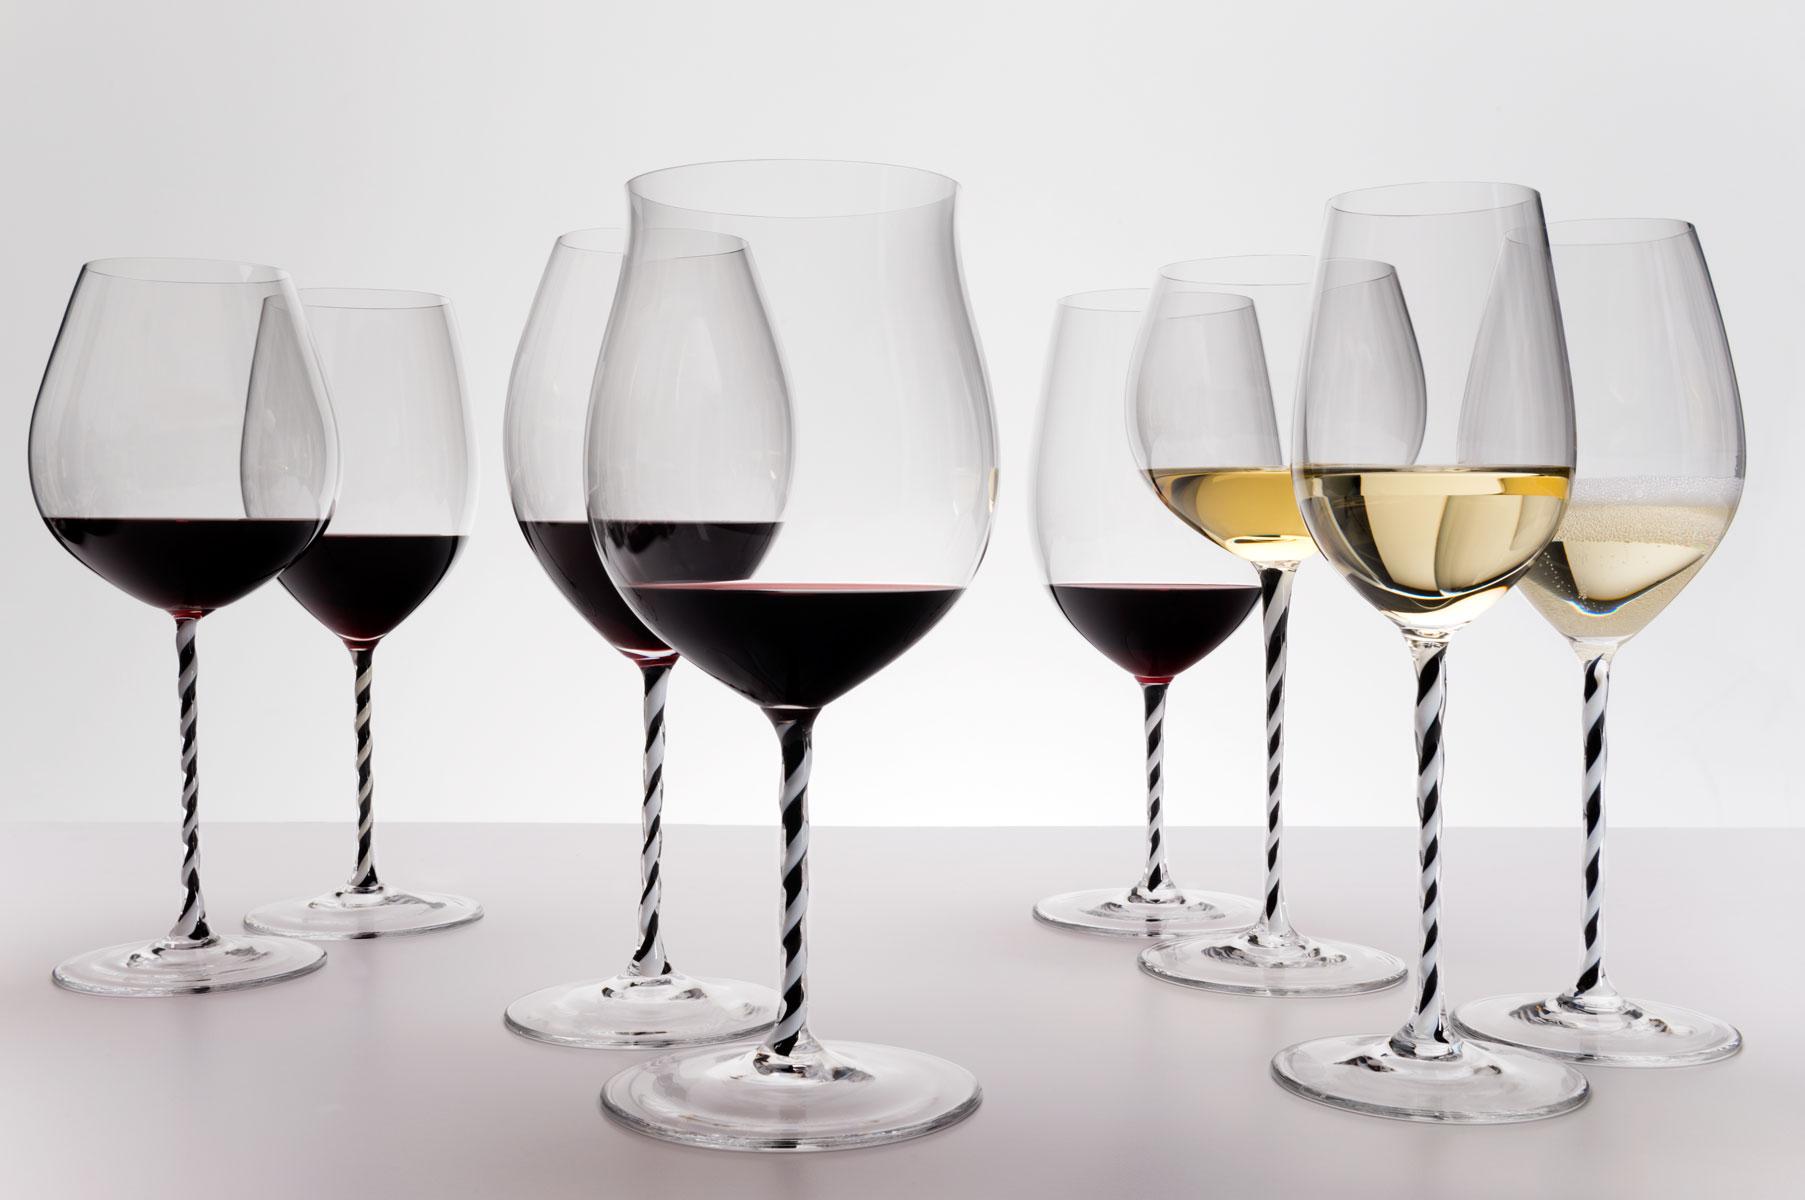 Бокалы Riedel с вином